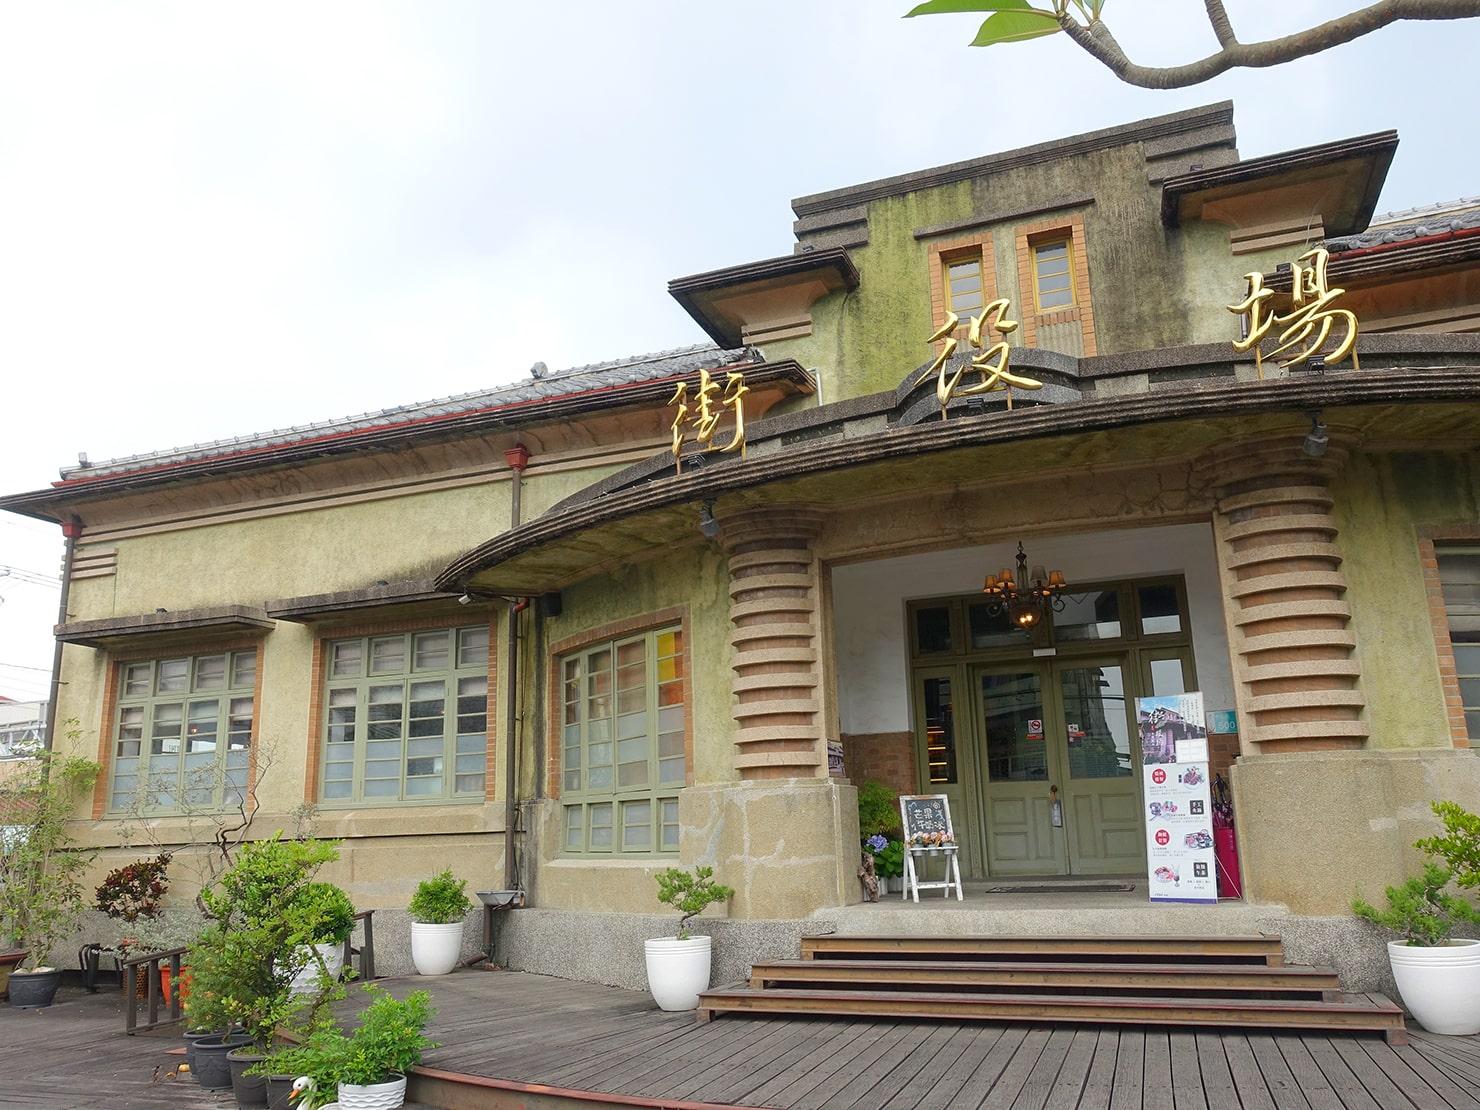 台南市街郊外のおすすめ観光スポット「新化街役場」の外観